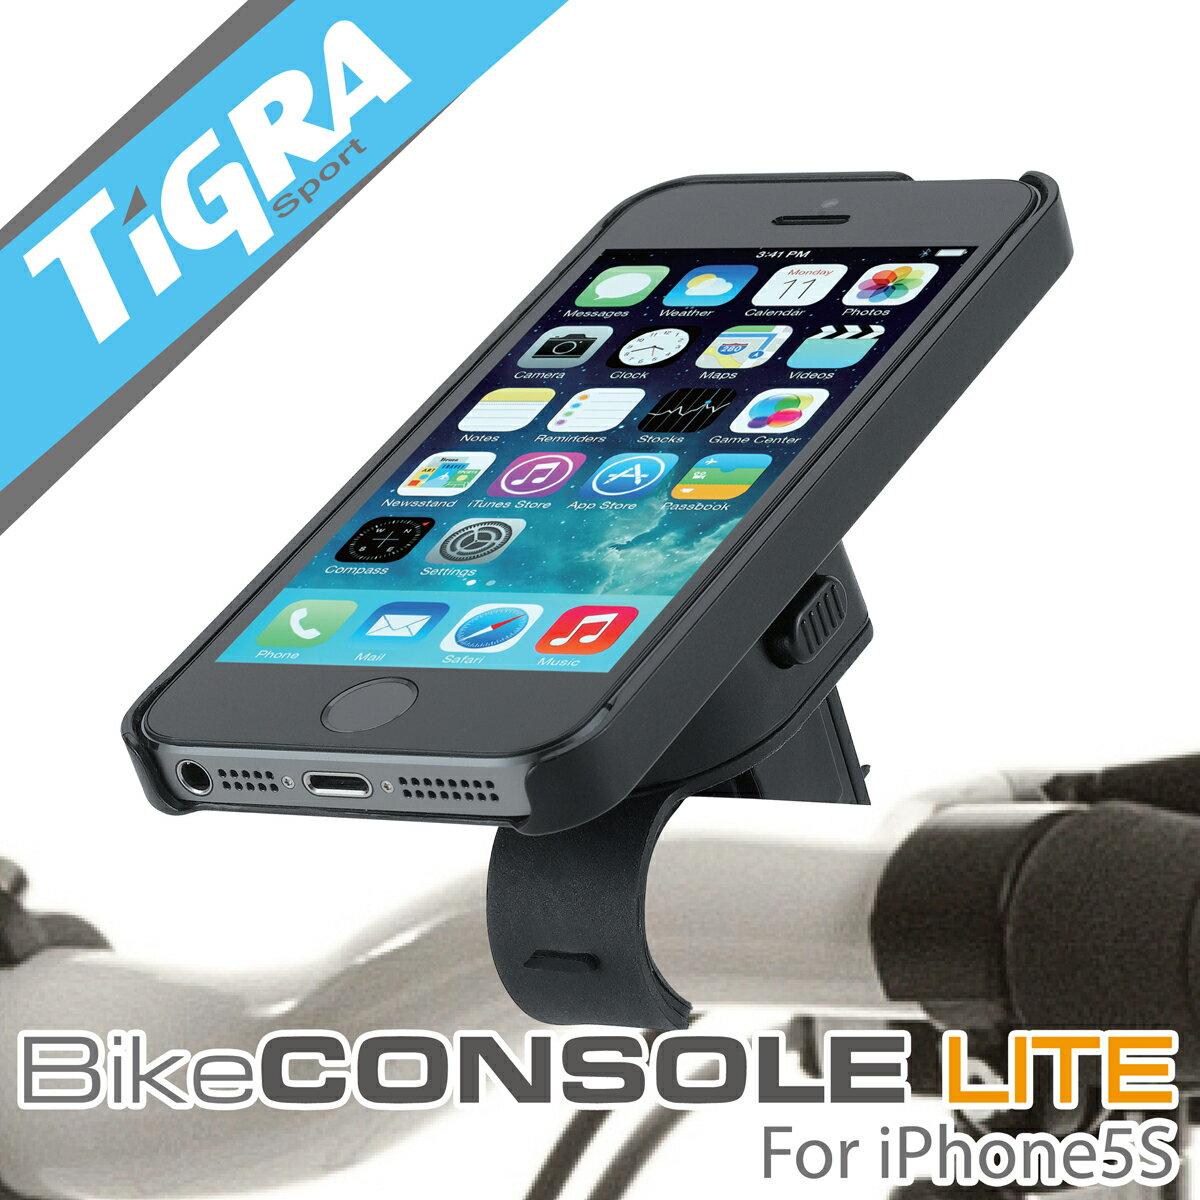 TiGRA Sport iPhone SE 自転車 ホルダー iPhone5 S バイク アイフォン サイクルコンピューター MC-IPH5S-BK  ケース スマホ 防水 スマートフォン 携帯 スマホホルダー スタンド スマートフォンホルダー アクセサリー ロードバイク アイホン 自転車ホルダー マウント